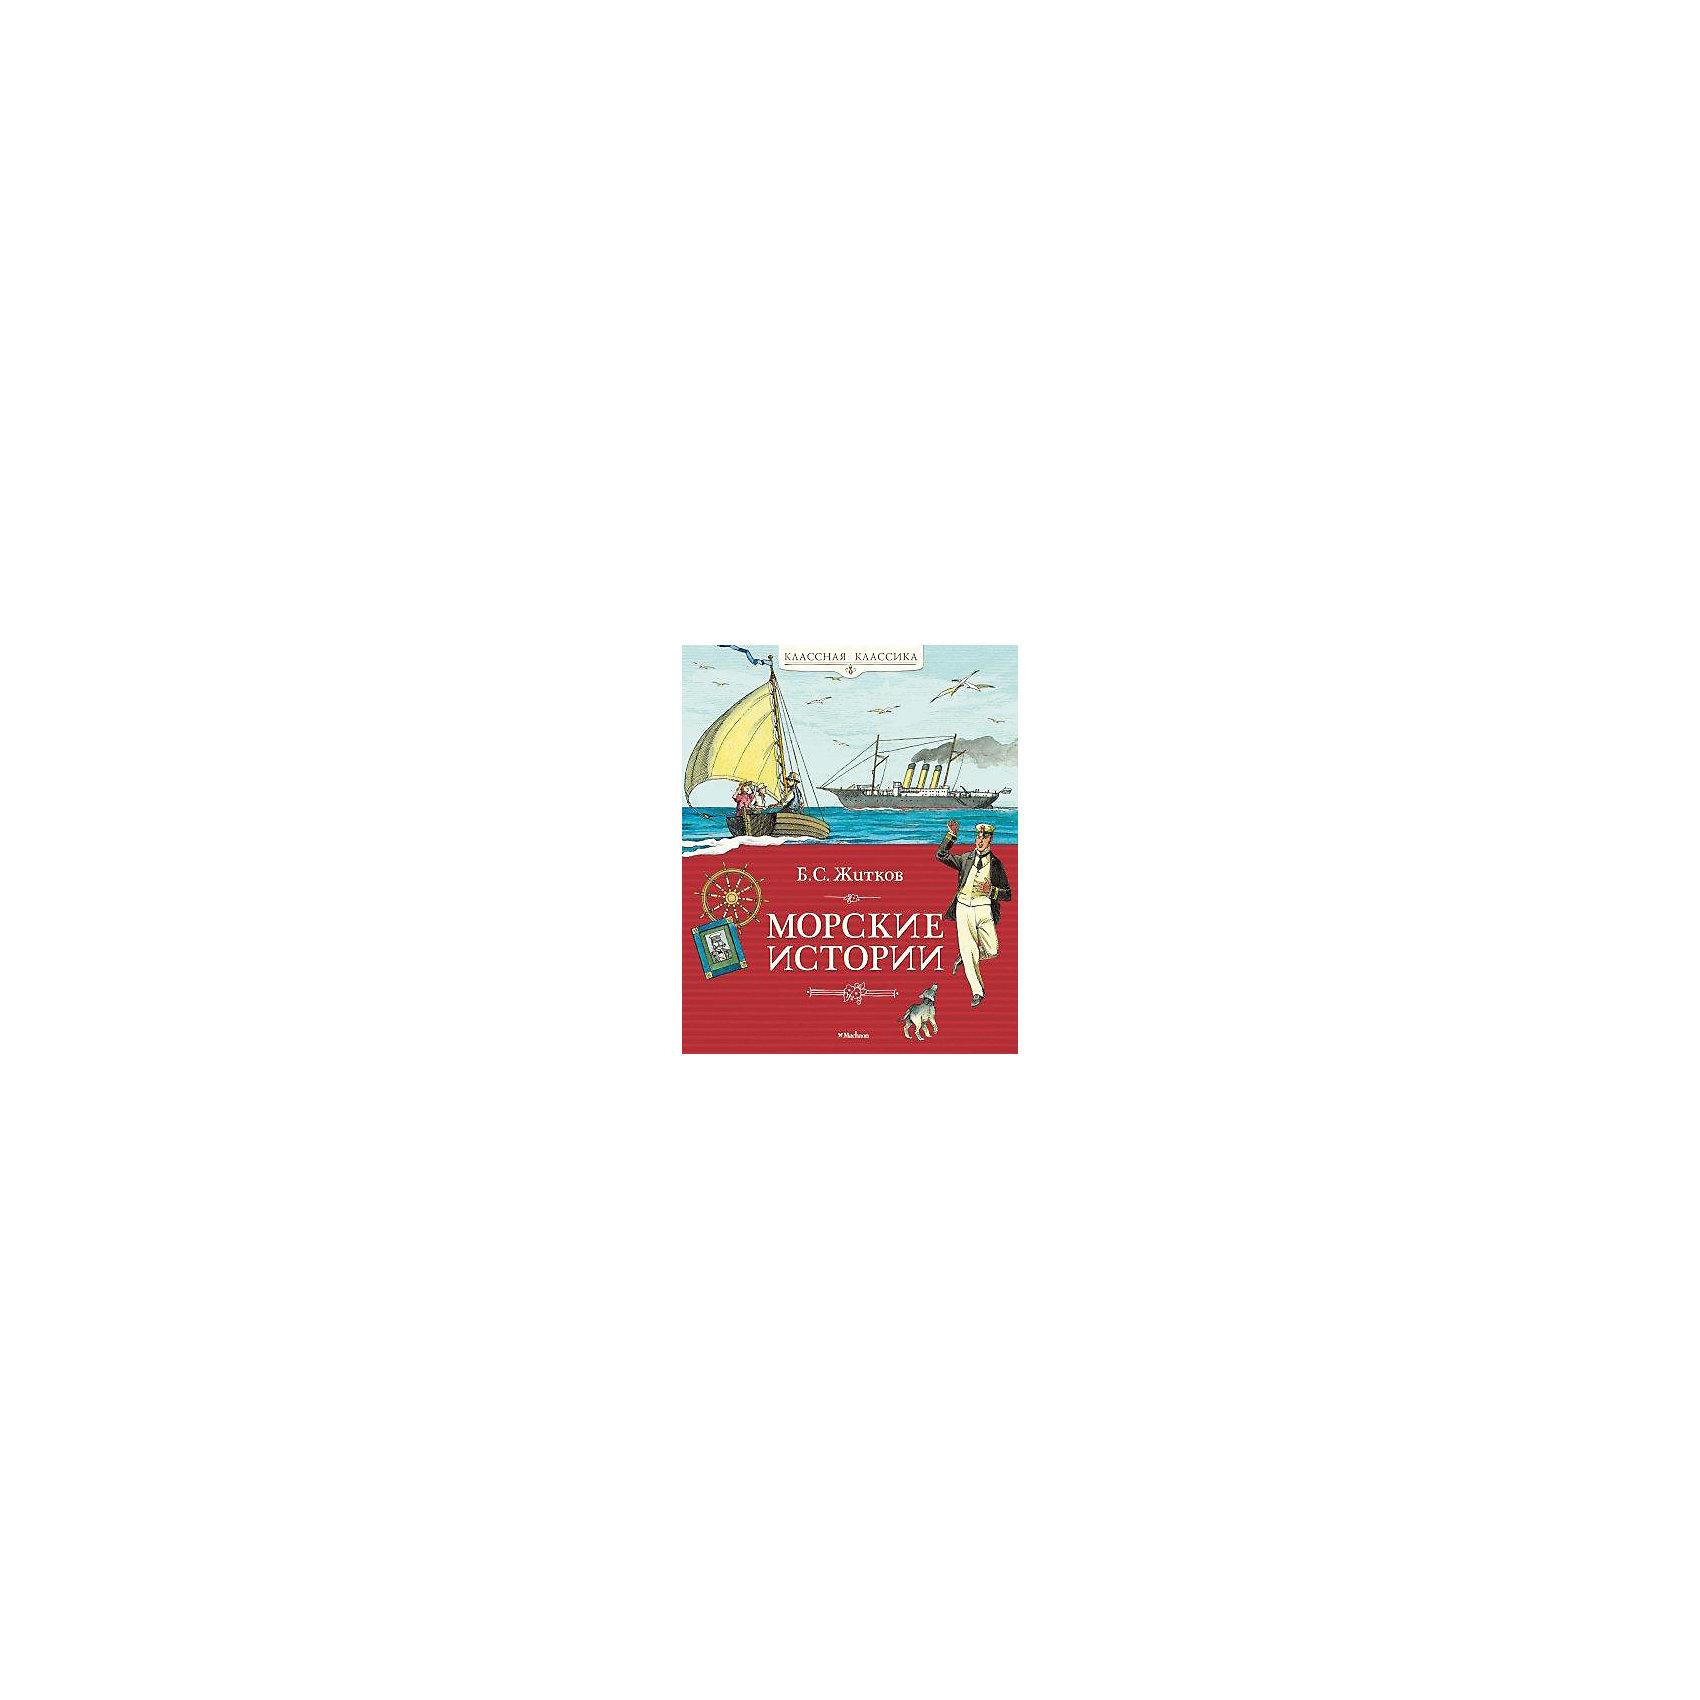 Морские истории, Б. ЖитковСказки, рассказы, стихи<br>«КЛАССНАЯ КЛАССИКА» — ЭТО КНИГИ, КОТОРЫЕ РЕБЁНОК НЕПРЕМЕННО ДОЛЖЕН ПРОЧИТАТЬ В ДЕТСТВЕ.<br>Замечательный детский писатель Борис Житков вступает со своим любознательным читателем в доверительную беседу, объясняя даже самые сложные вещи ясно и образно. С искренностью и убедительностью он показывает ребятам героев, которым хочется подражать. Подражать их мужеству, порядочности, силе духа, любви ко всему живому. <br>Произведения Бориса Житкова ВХОДЯТ В ШКОЛЬНУЮ ПРОГРАММУ.<br>Книги этой серии содержат вступительные статьи, которые помогут подготовиться к урокам литературы. Статьи знакомят с жизнью и творчеством писателей, позволяют понять, как они работали, что их вдохновляло, а также дают представление о том литературном наследии, которое классики оставили своим читателям.<br><br>Ширина мм: 235<br>Глубина мм: 195<br>Высота мм: 16<br>Вес г: 536<br>Возраст от месяцев: 84<br>Возраст до месяцев: 120<br>Пол: Унисекс<br>Возраст: Детский<br>SKU: 4818108